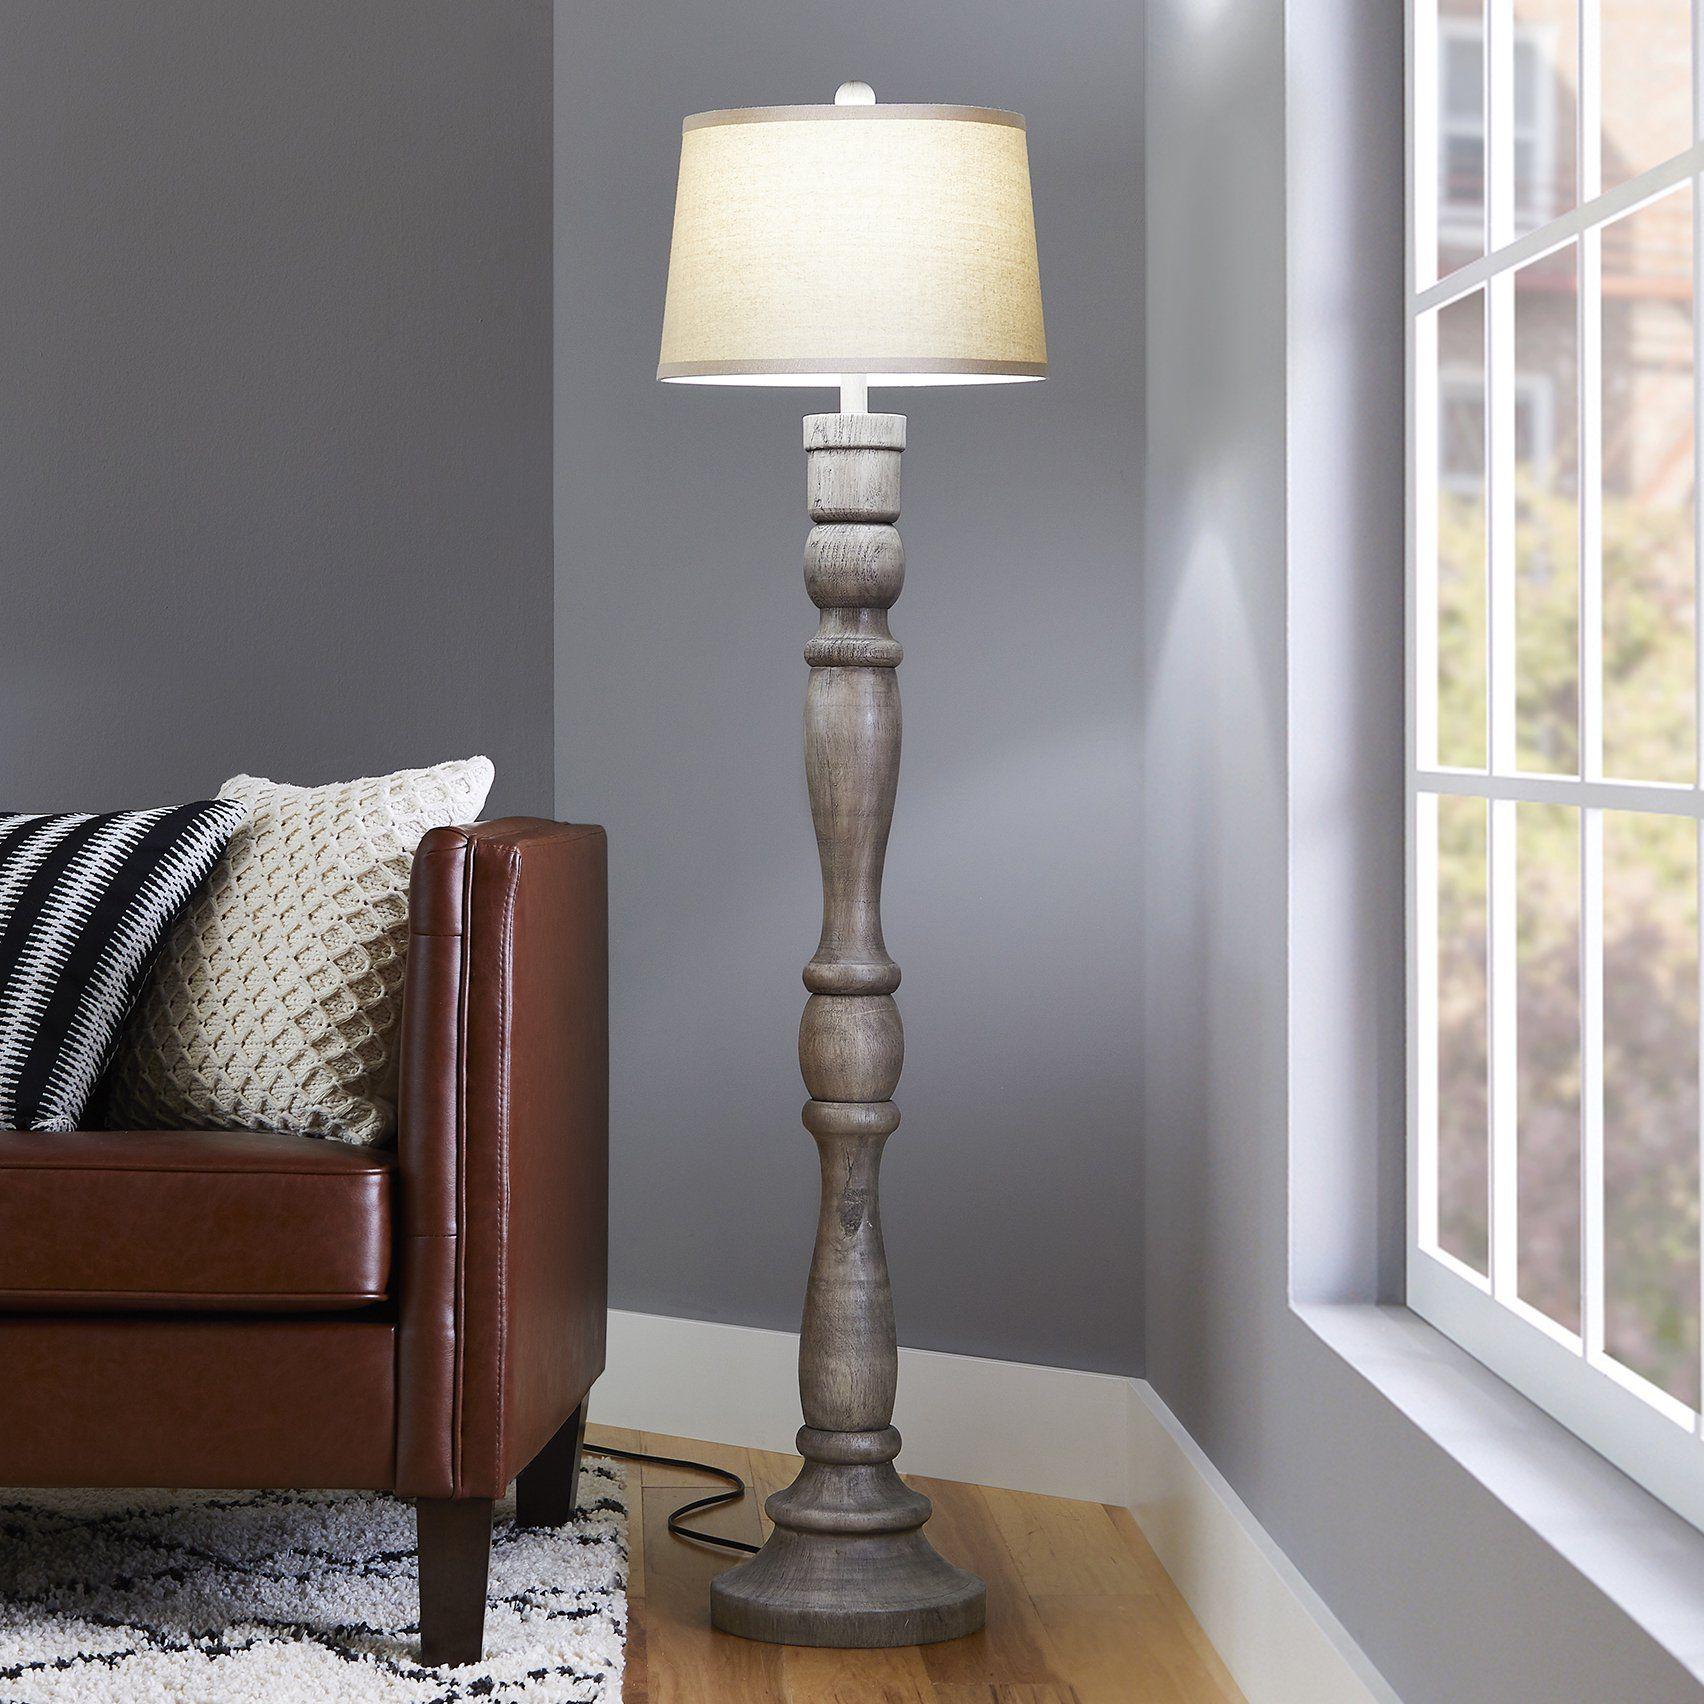 Better Homes Gardens 59 5 Gray Weathered Wood Finish Floor Lamp Walmart Com In 2021 Wood Floor Lamp Floor Lamps Living Room Floor Lamp